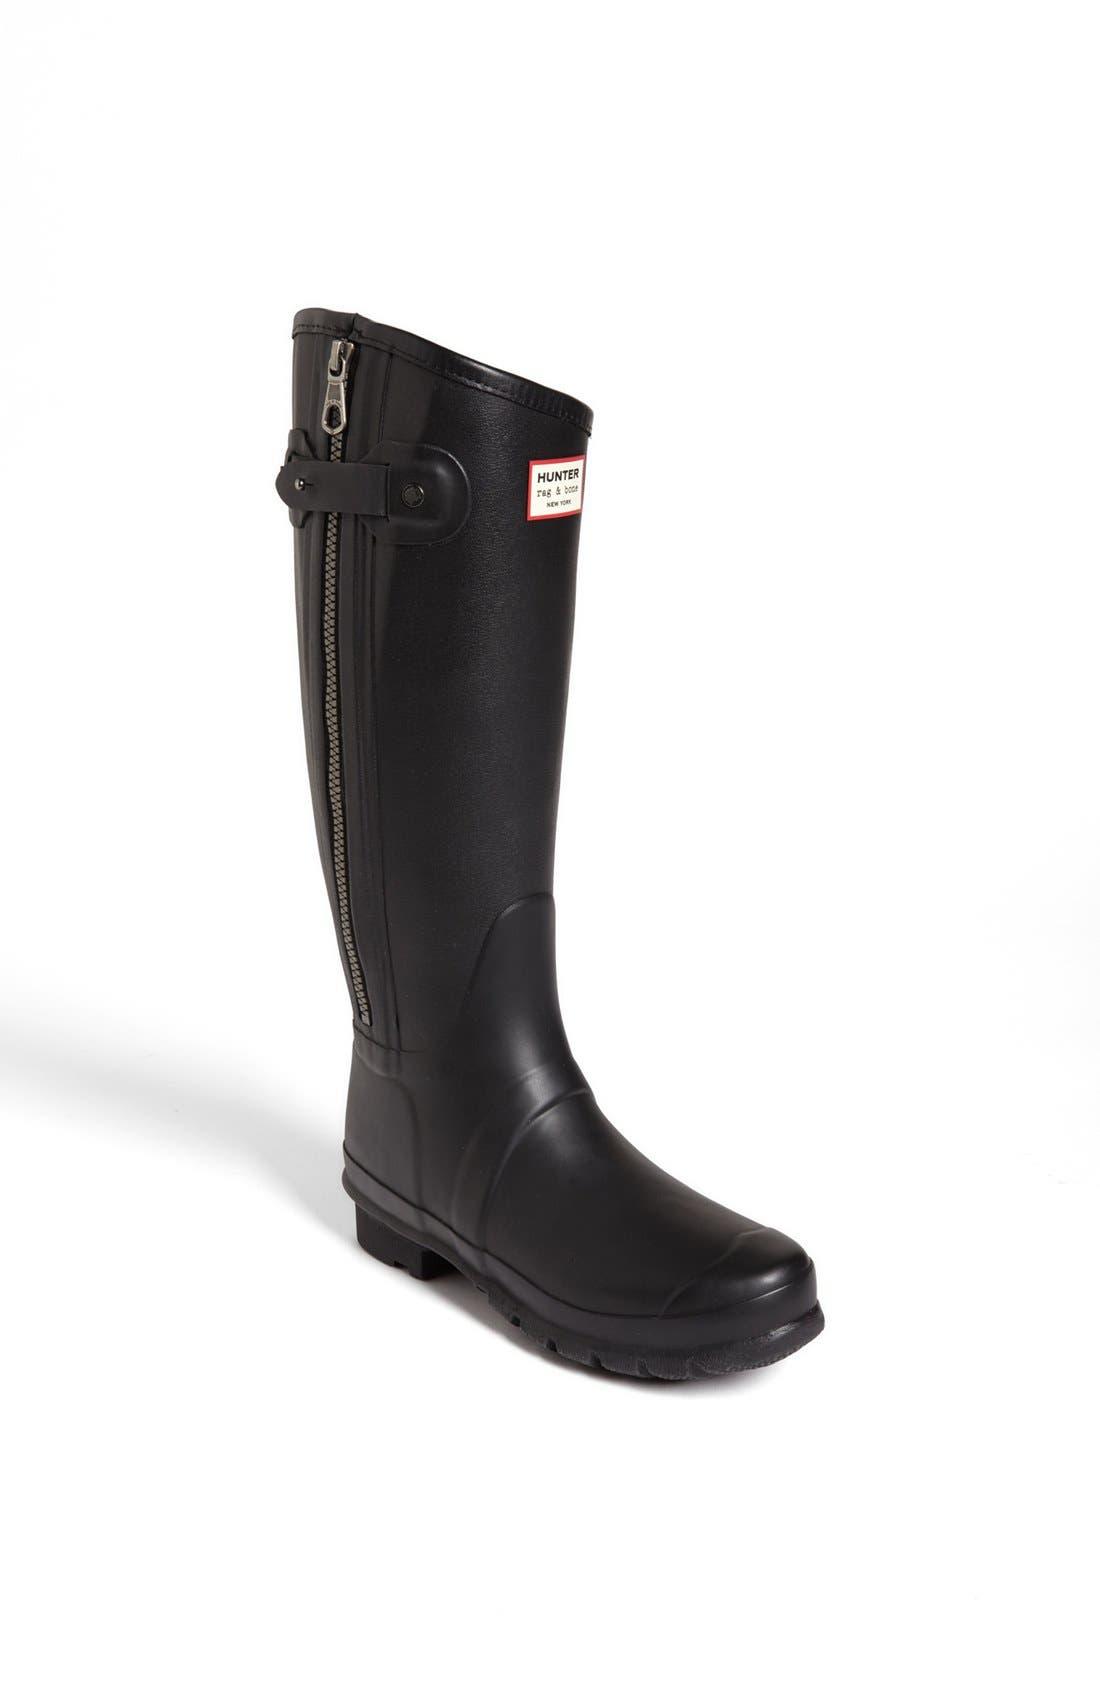 Alternate Image 1 Selected - Hunter for rag & bone Tall Rain Boot (Women)